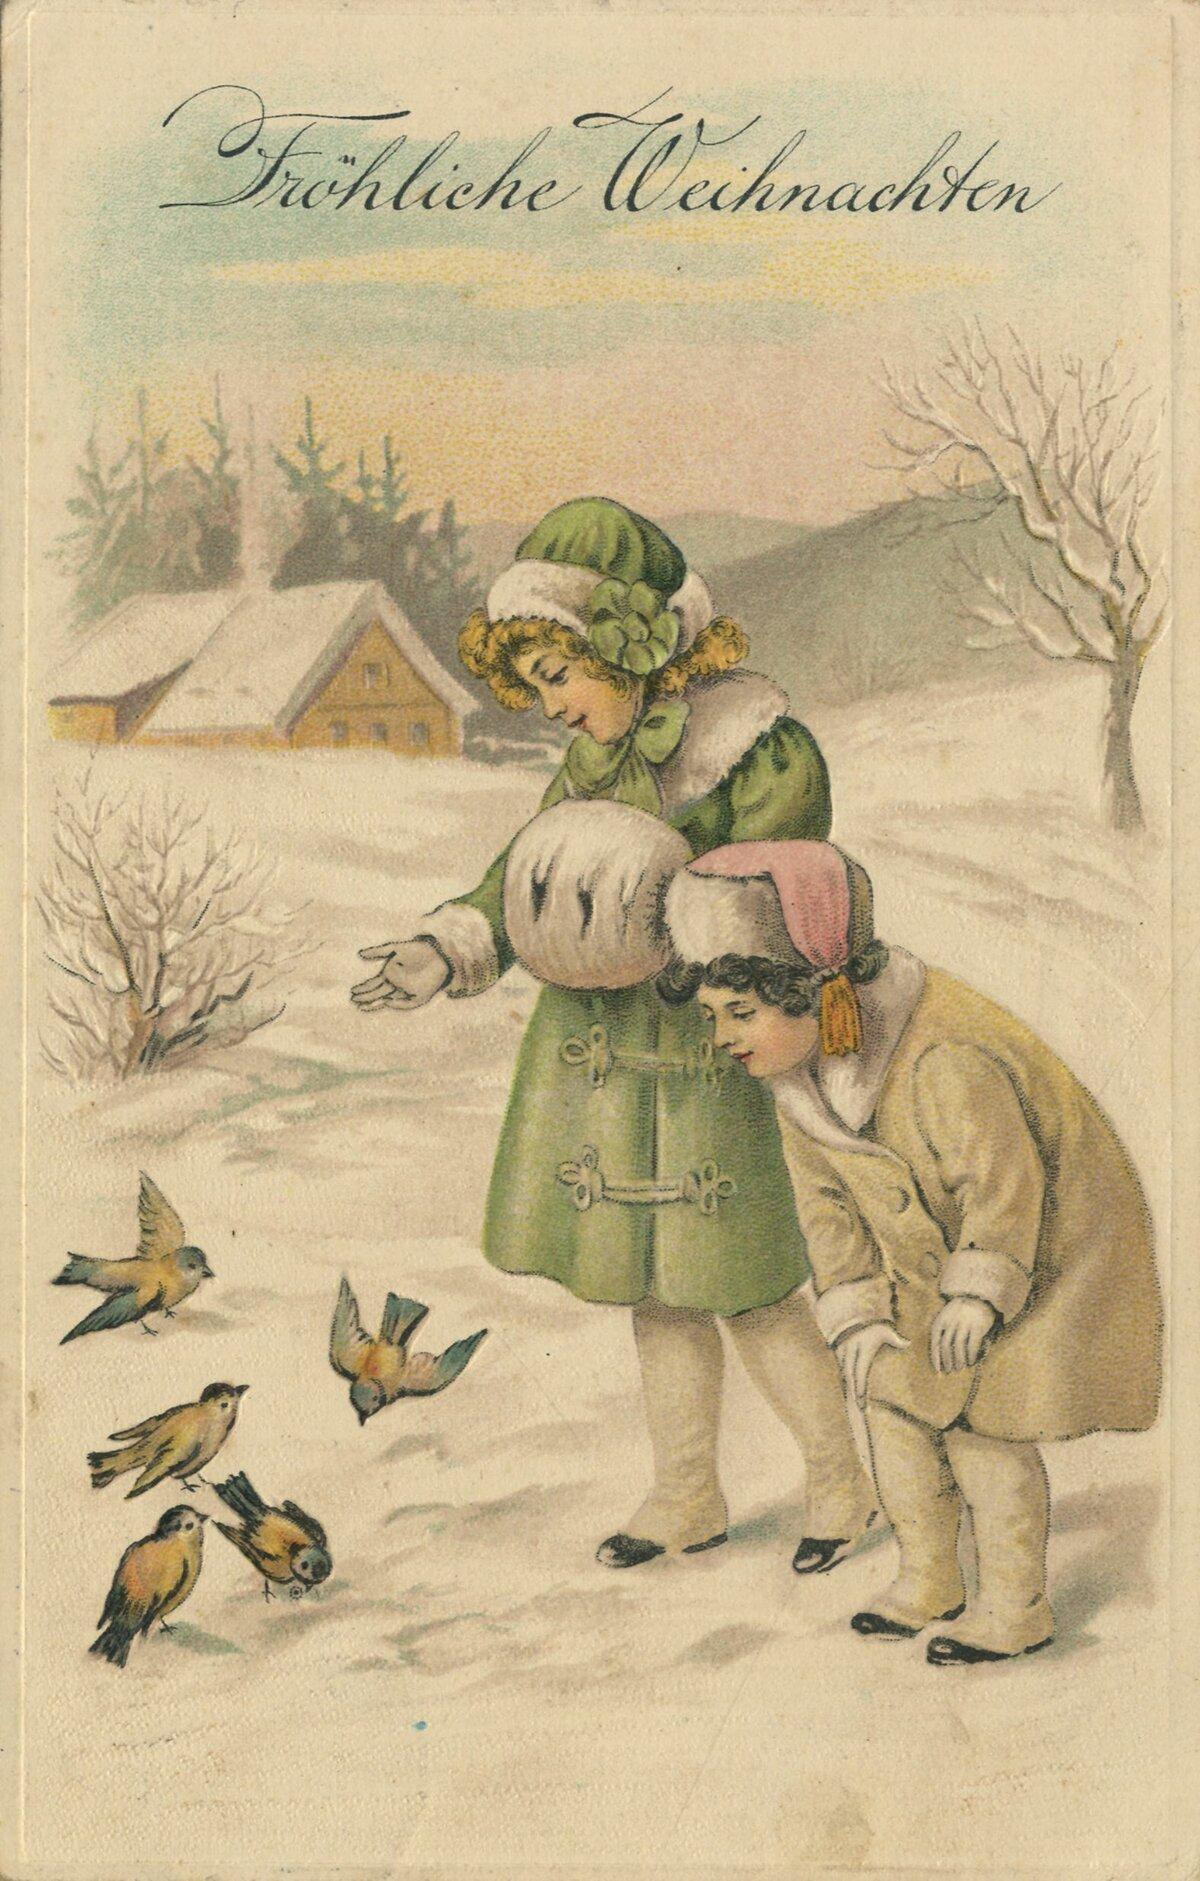 Открытки с новым годом прошлого века, открытках